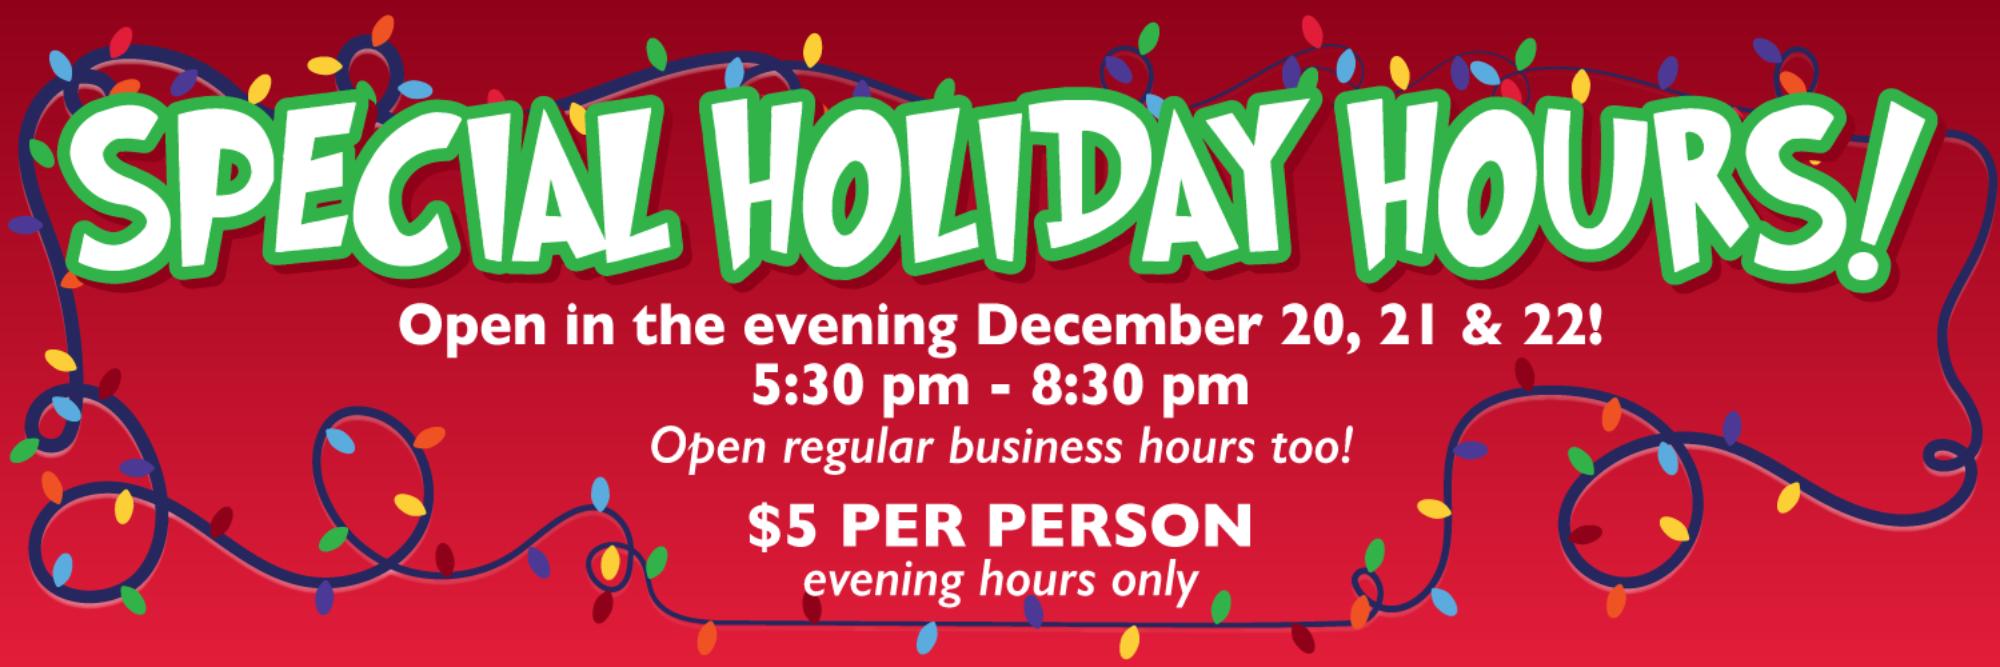 HolidayHourswebslider